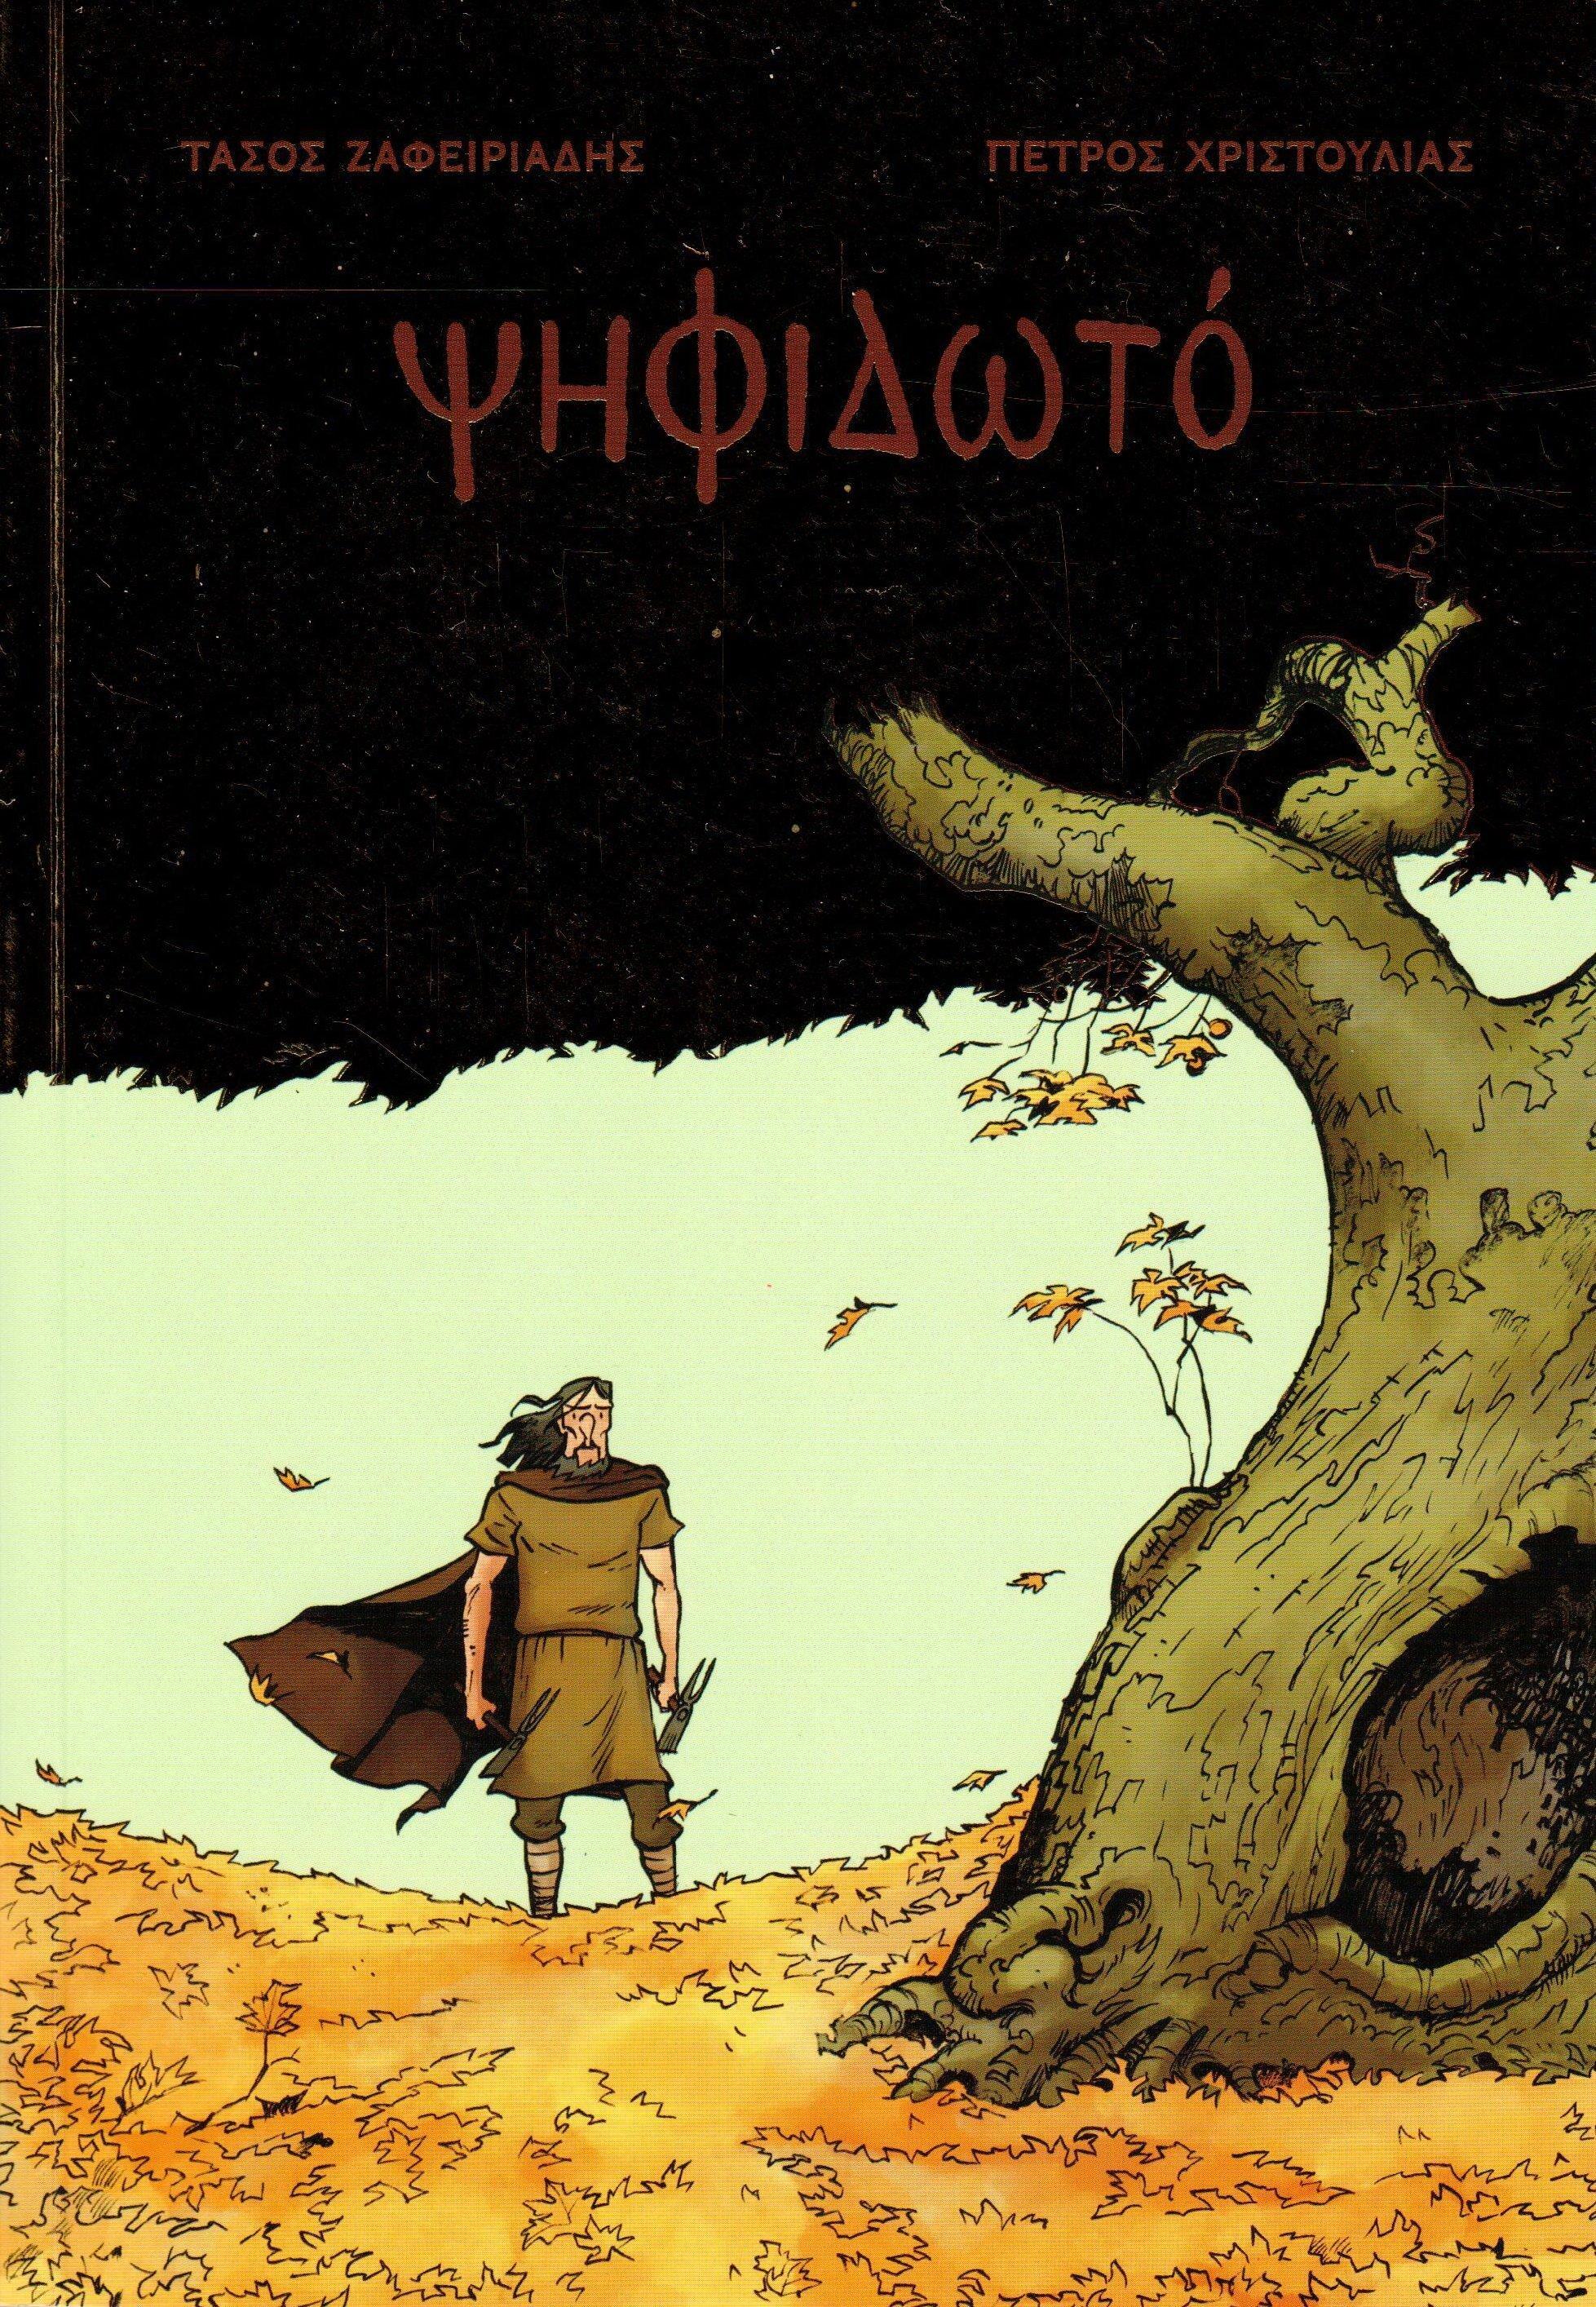 Διαγωνισμός: ΨΗΦΙΔΩΤΟ του Χριστούλια-Ζαφειριάδη των εκδόσεων Jemma Press